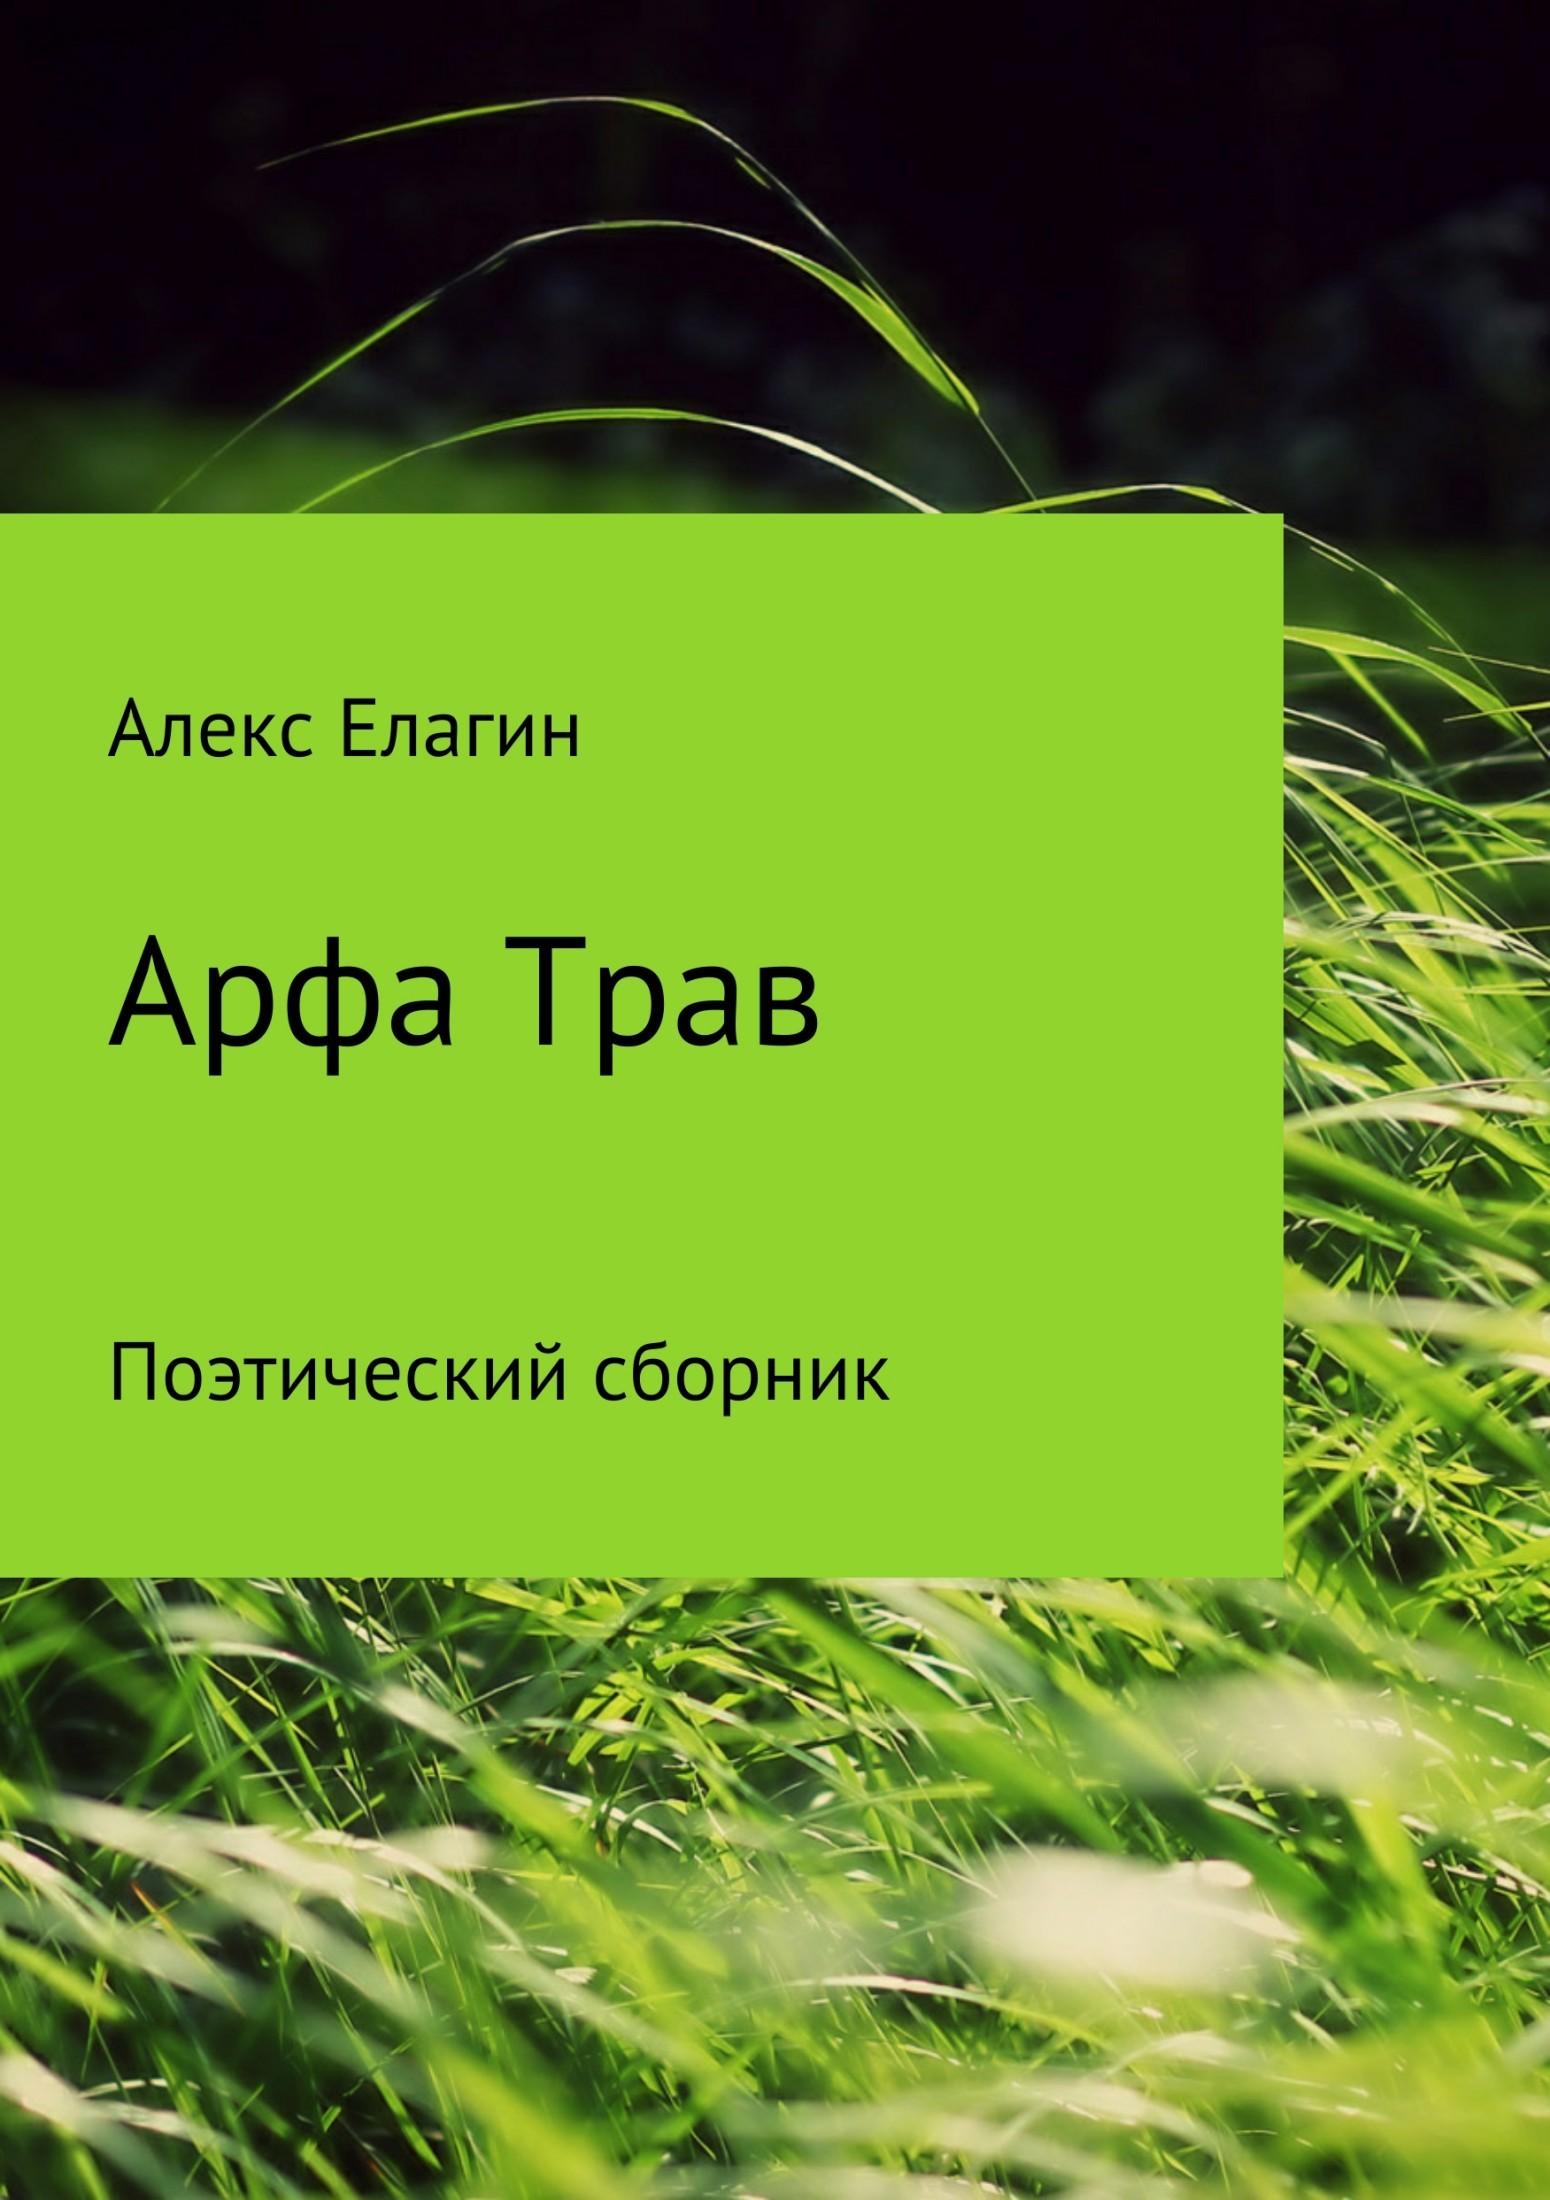 Алекс Елагин Арфа Трав. Сборник стихотворений евгений кунгуров с любовью к женщине